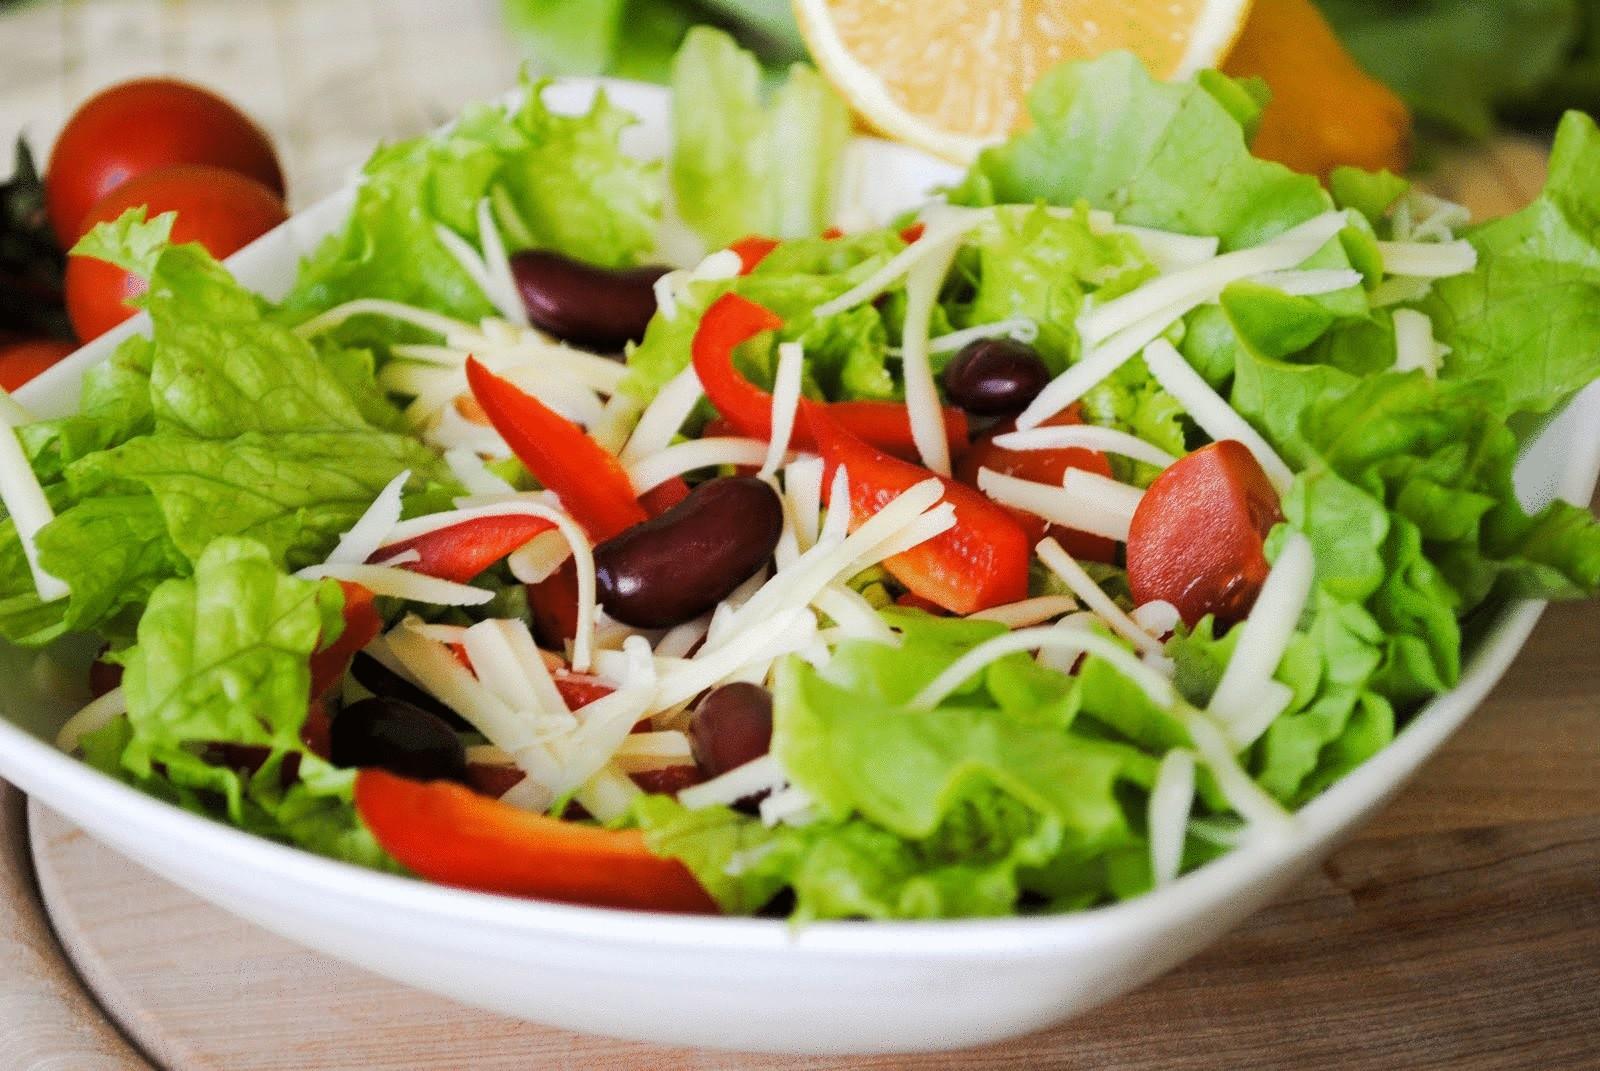 Как правильно питаться летом: 5 важных советов диетолога